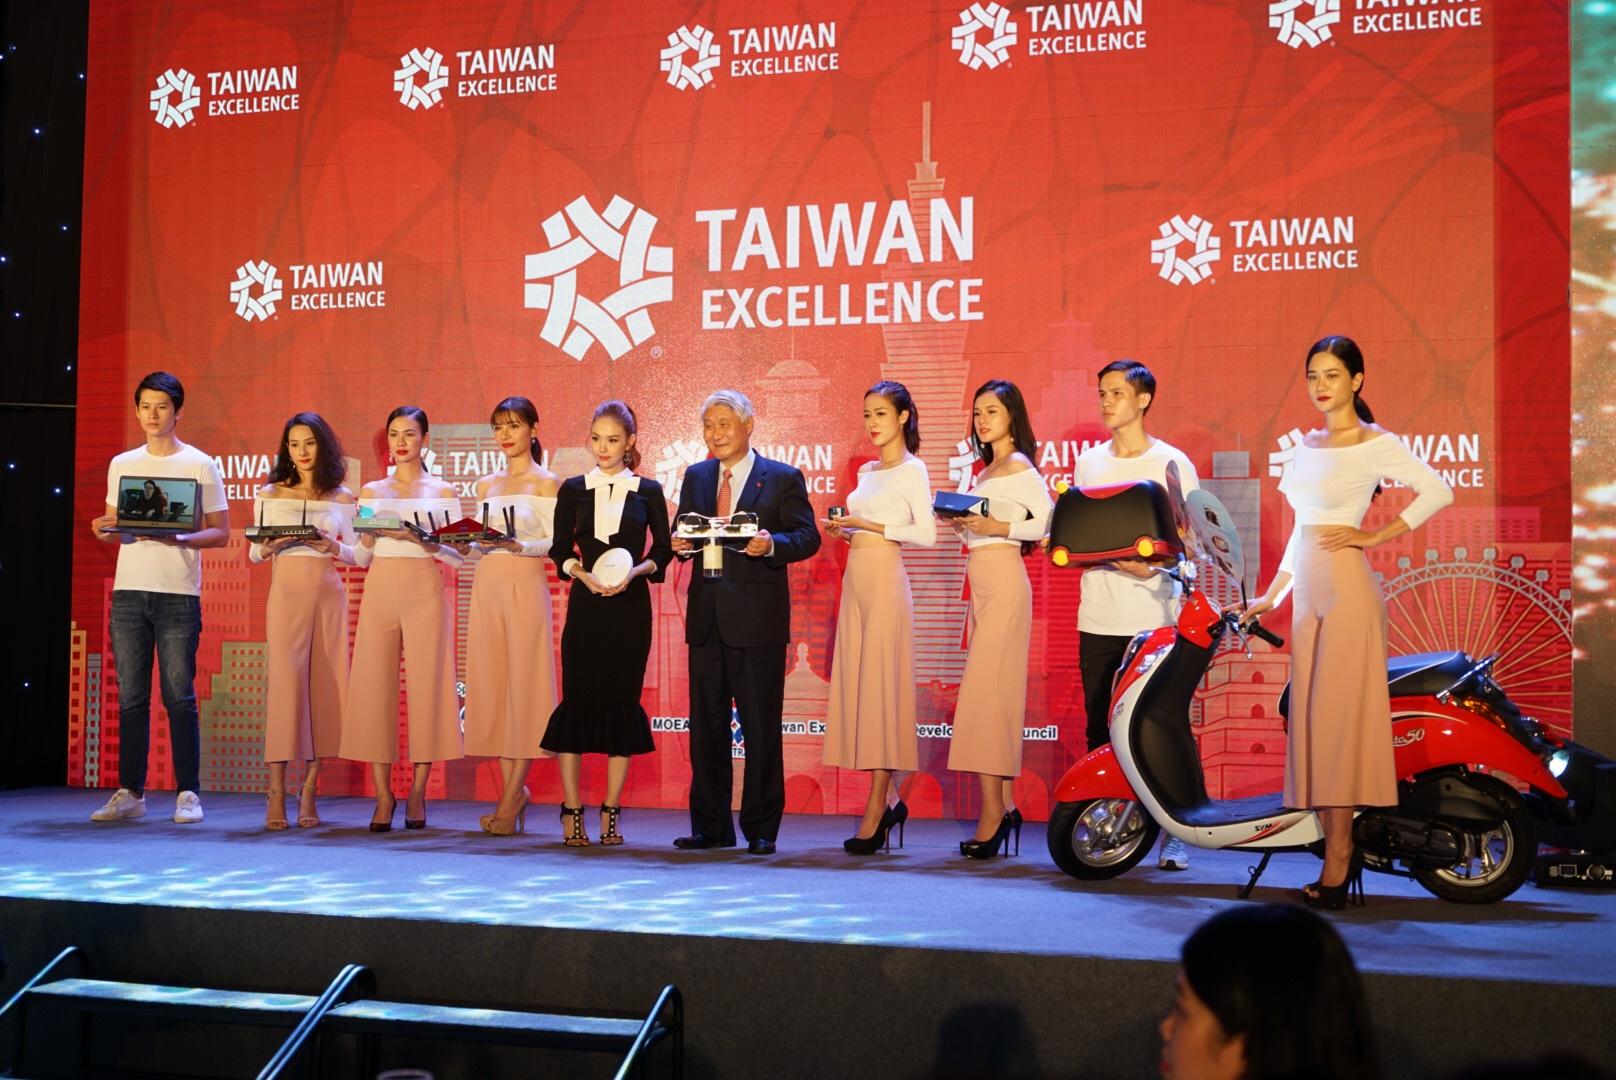 Họp báo khởi động chiến dịch Taiwan Excellence tại Việt Nam